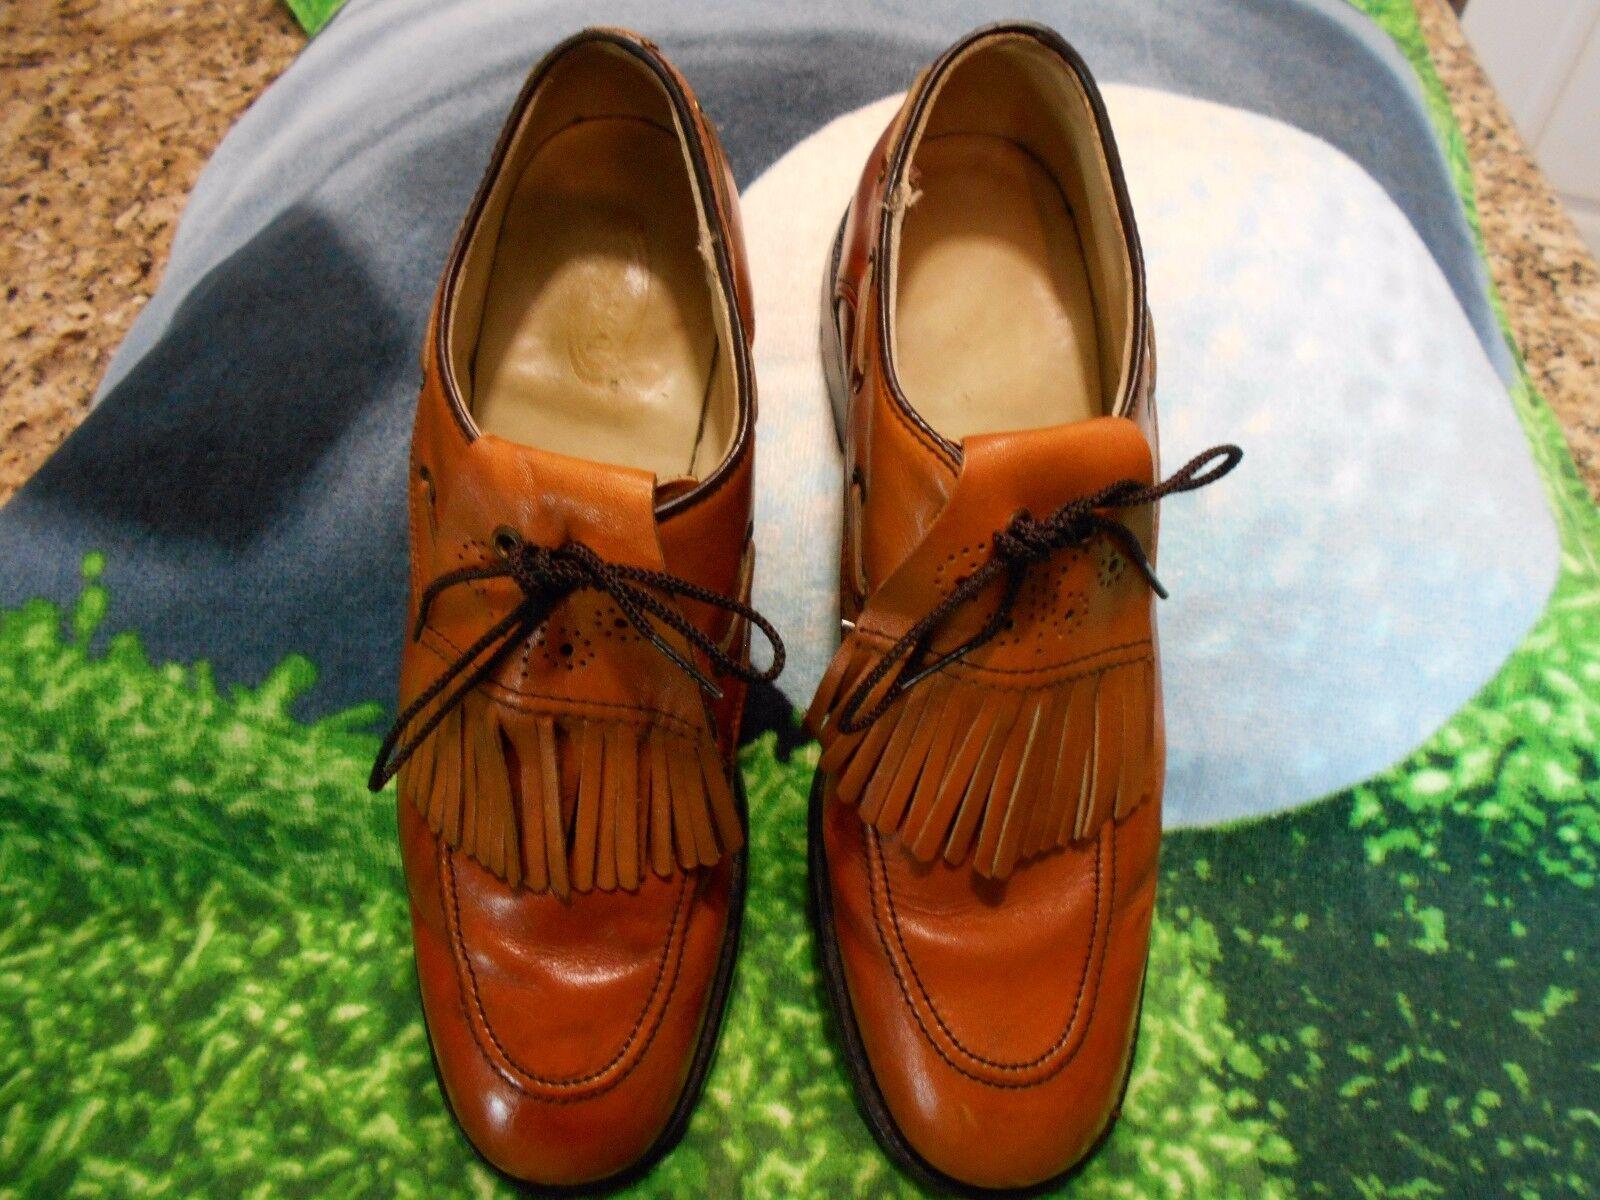 Vintage Dexter Classics Golf schuhe   Uomo SZ 9A  schuhe All Leder soles Braun Tassels a377d9